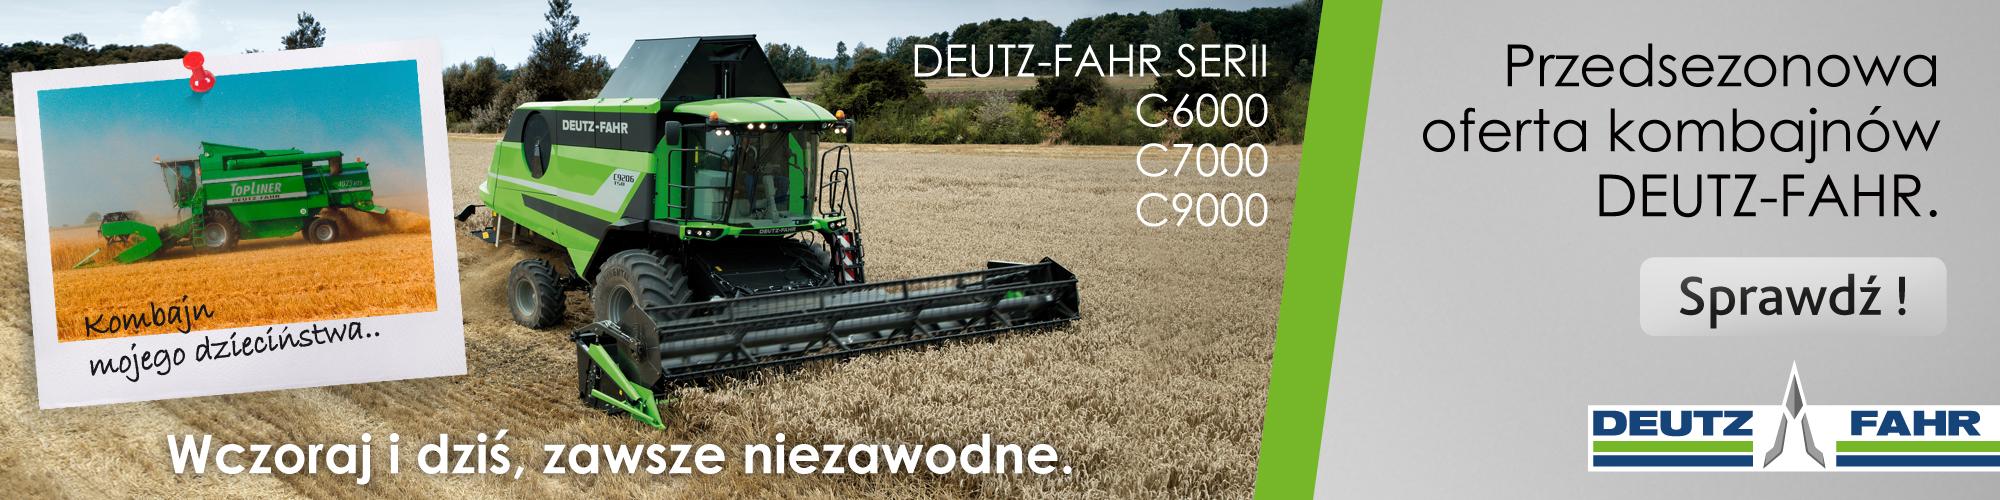 Przedsezonowa oferta na kombajny DEUTZ-FAHR